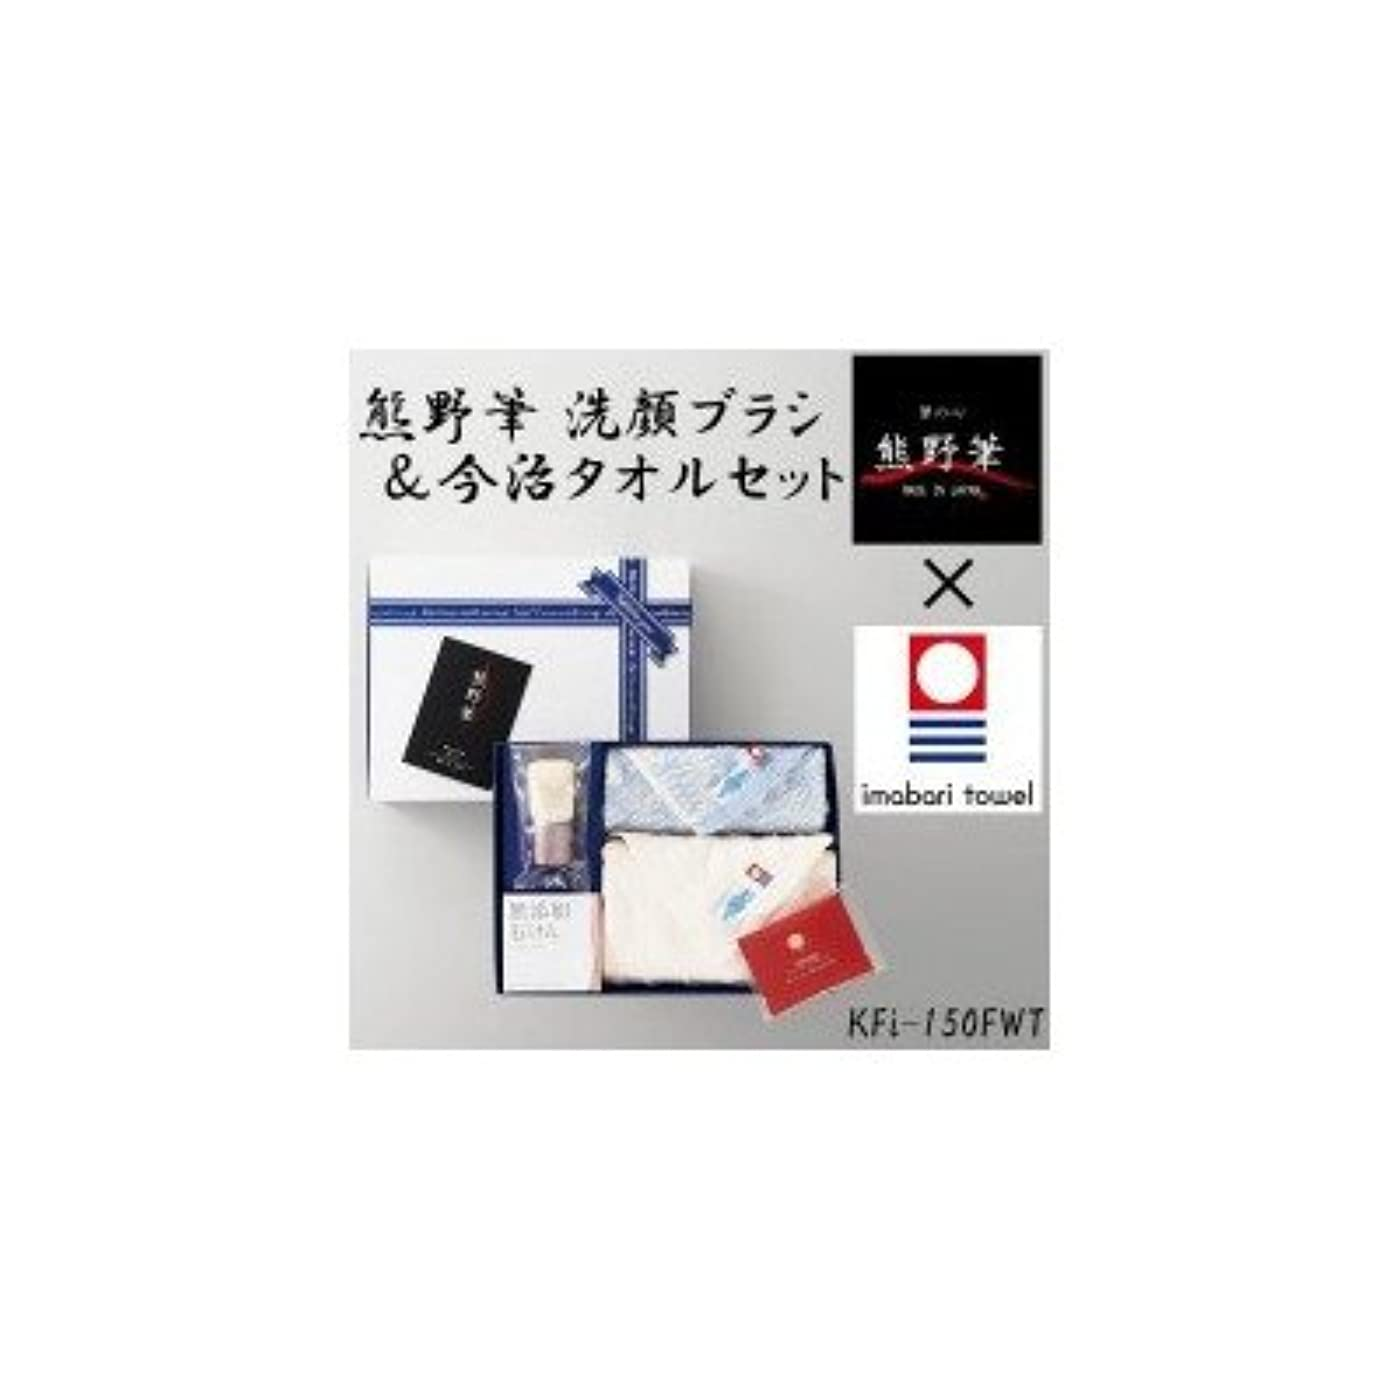 劇的ビルダー発疹熊野筆と今治タオルのコラボレーション 熊野筆 洗顔ブラシ&今治タオルセット KFi-150FWT